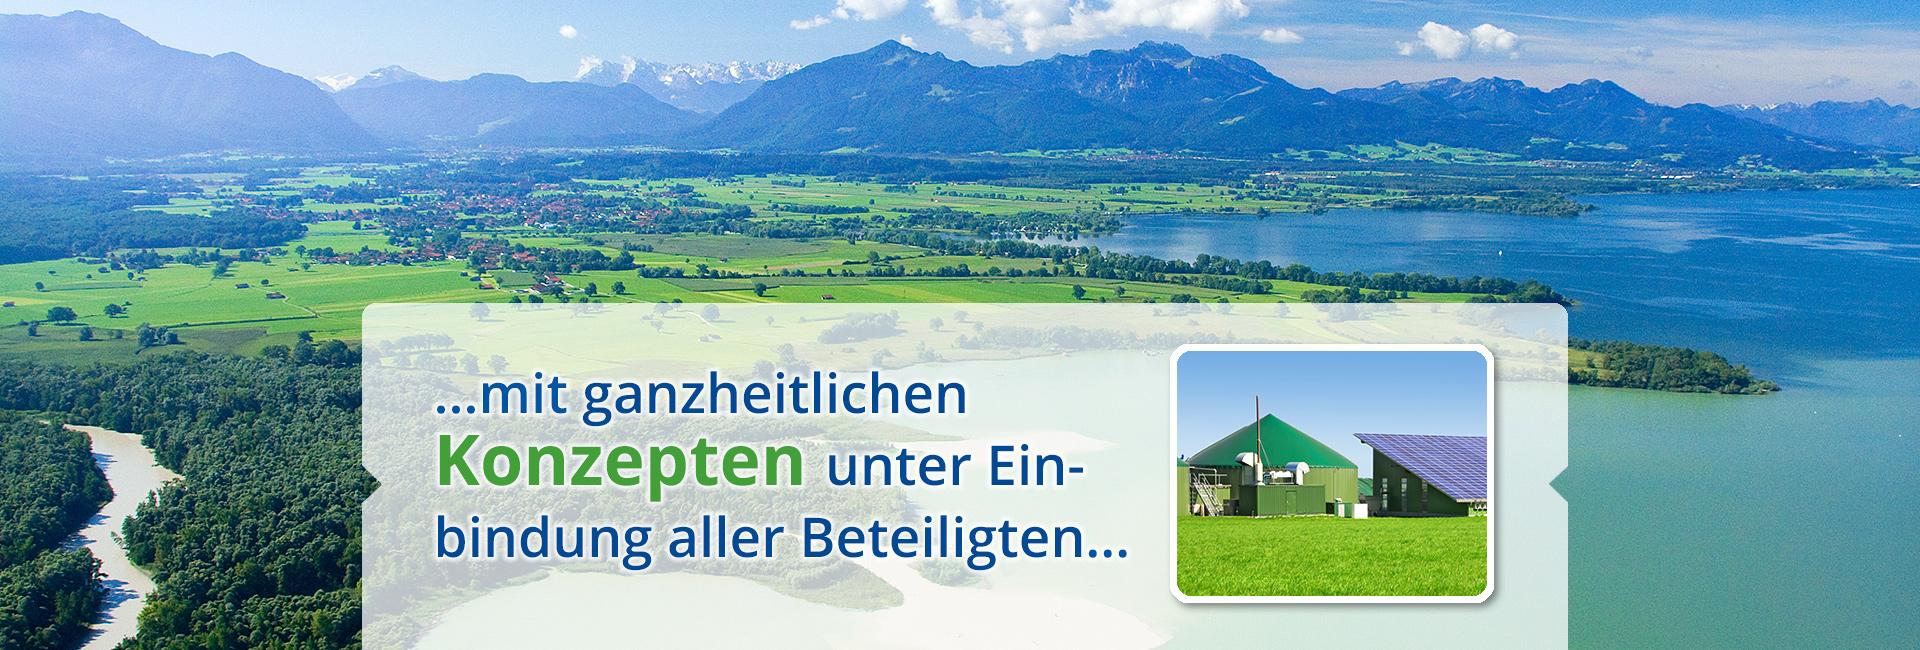 Energiewende Chiemgau Slider-2